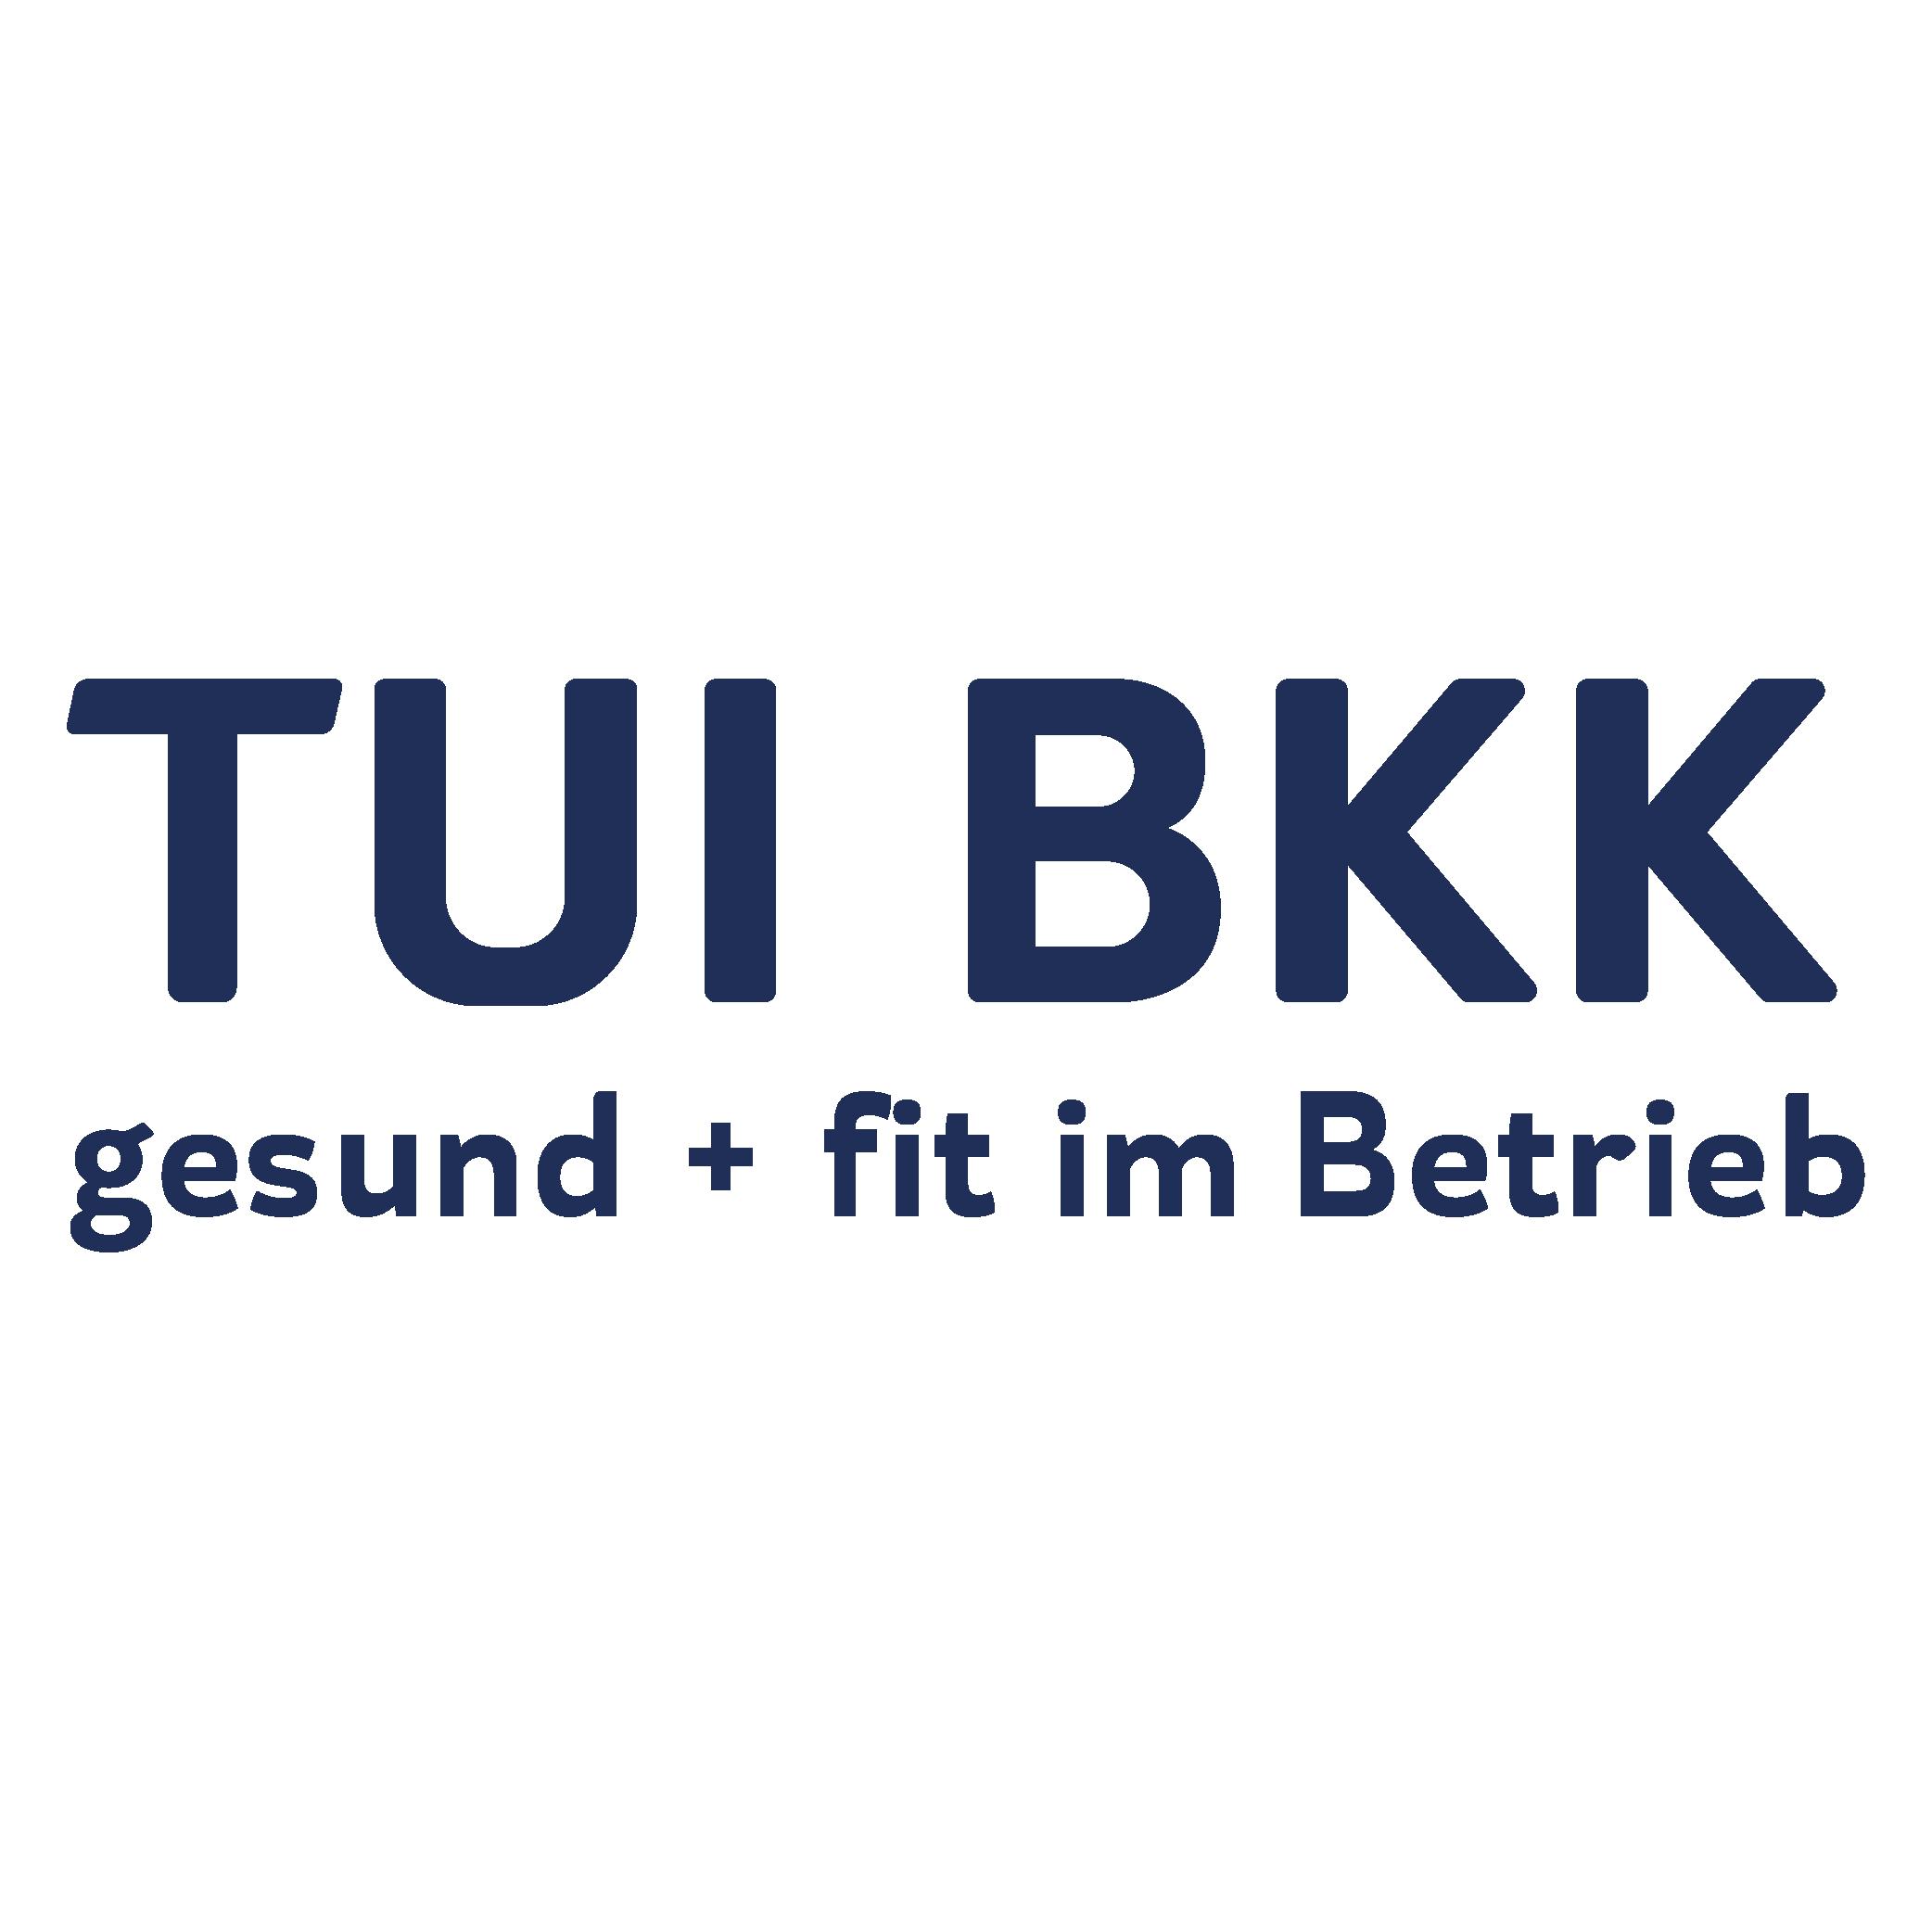 Markenzeichen der TUI BKK